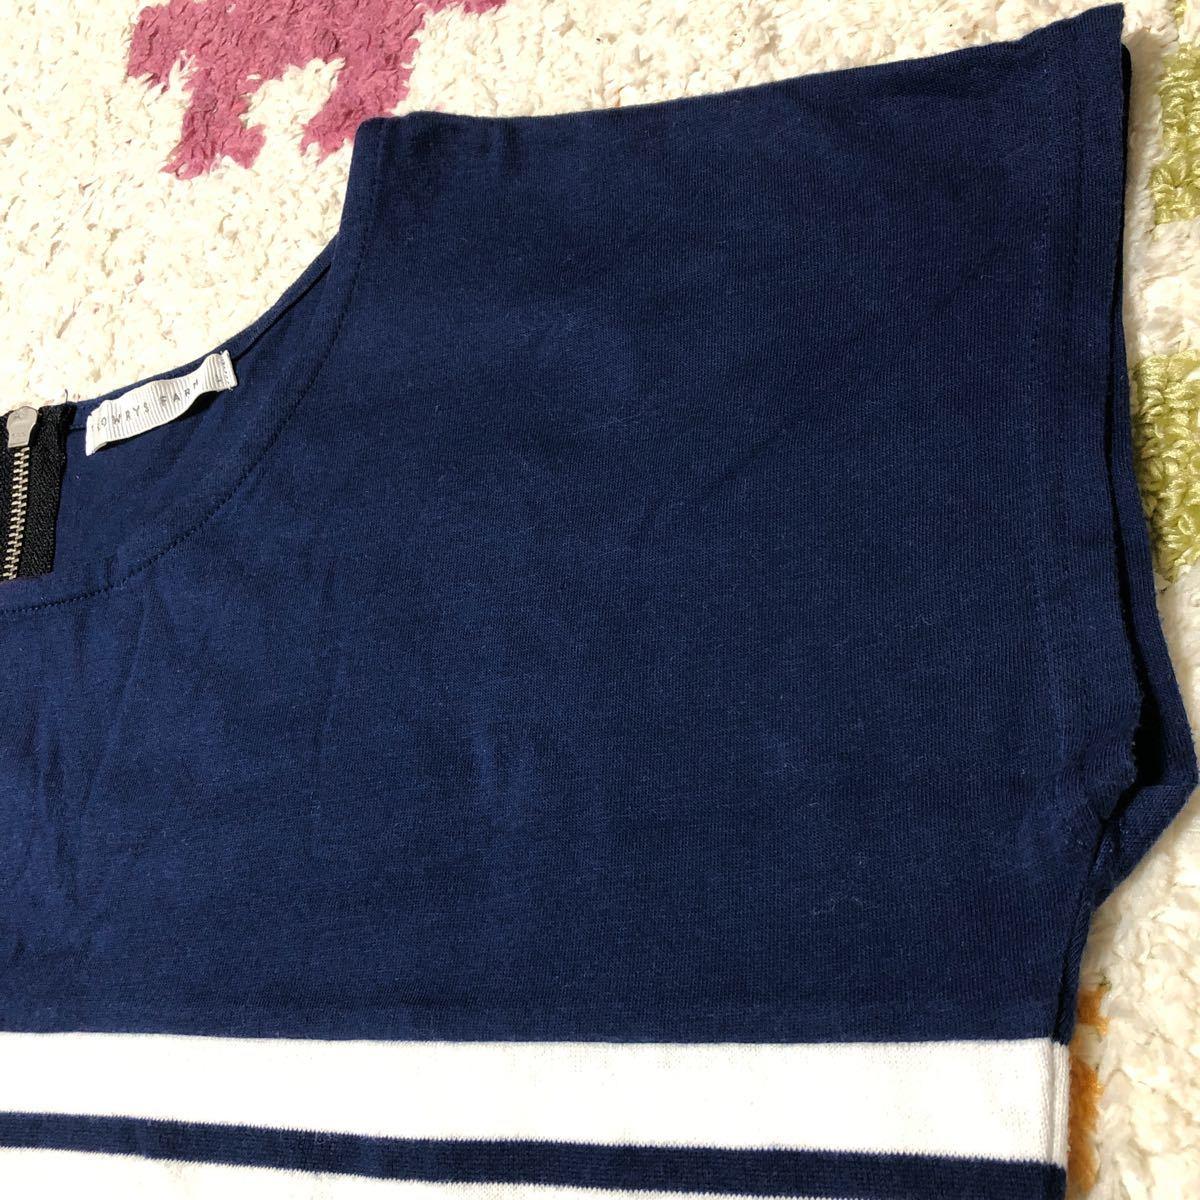 トップス、カットソー、半袖、ローリーズファーム、ボーダーTシャツ